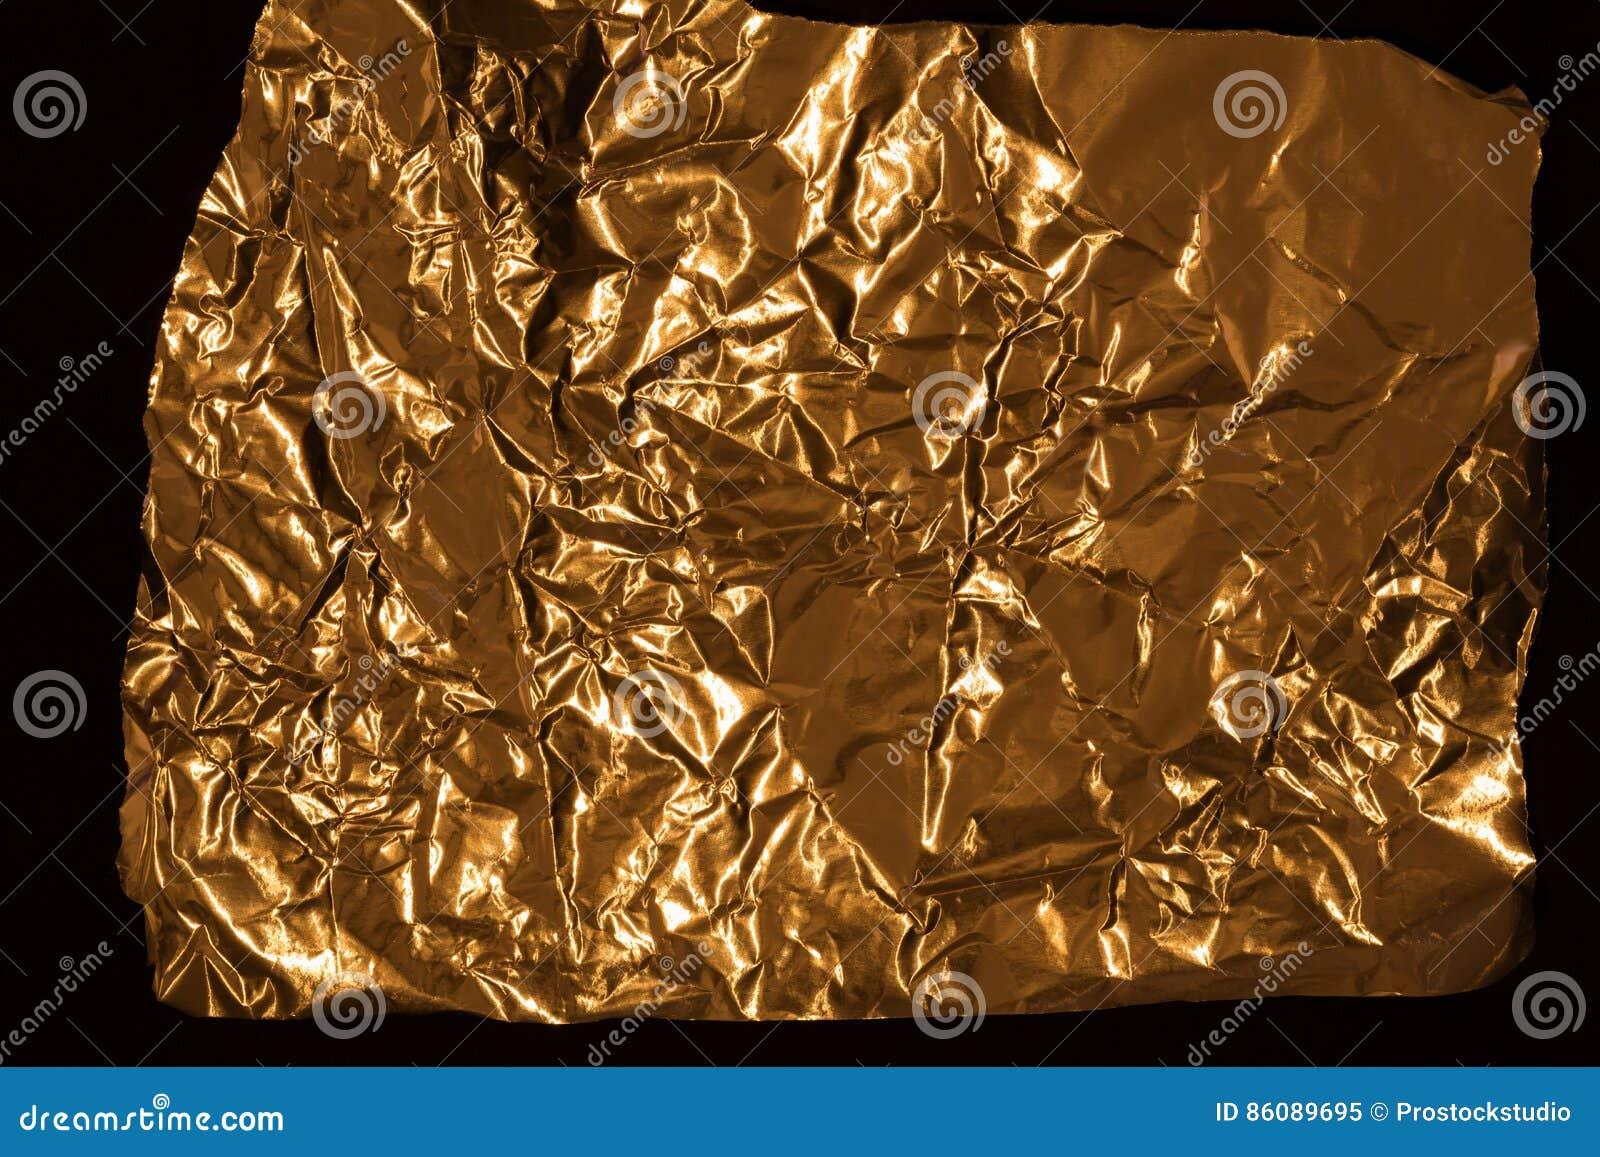 Golden wrinkled foil texture for background